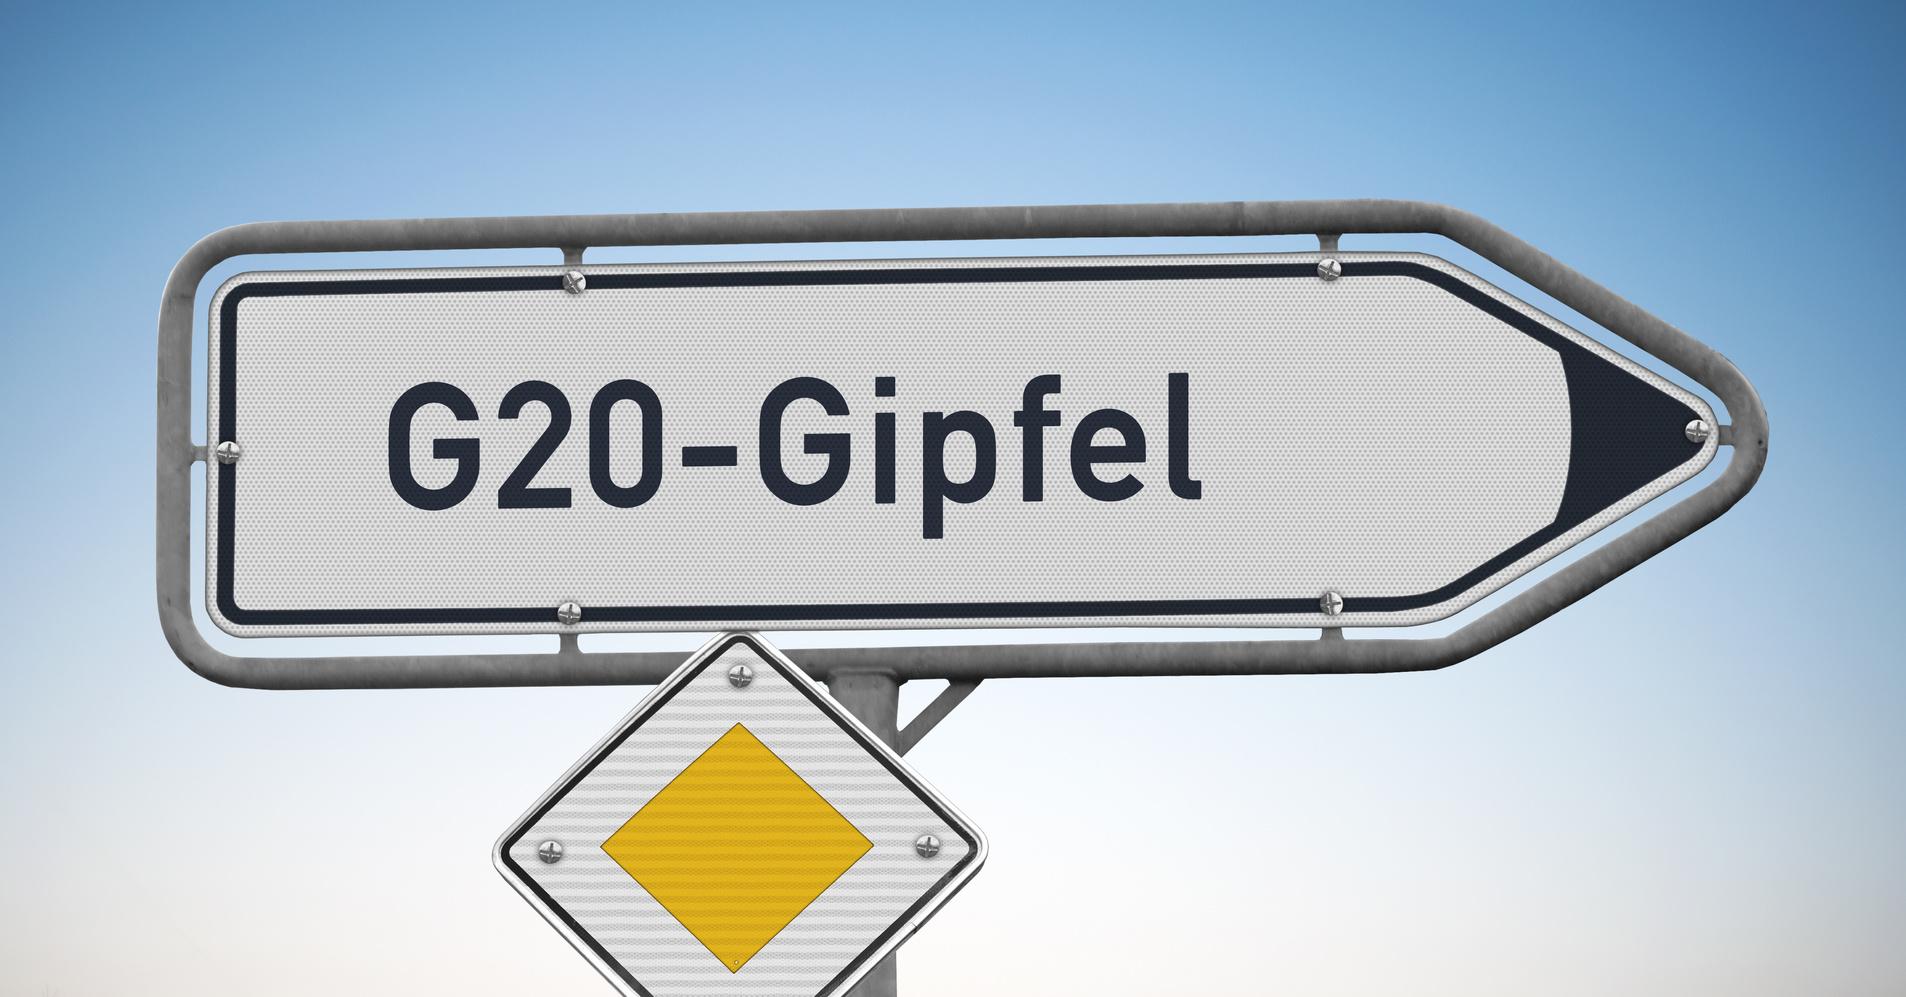 G20 - Beeinträchtigung im Hamburger Hafen